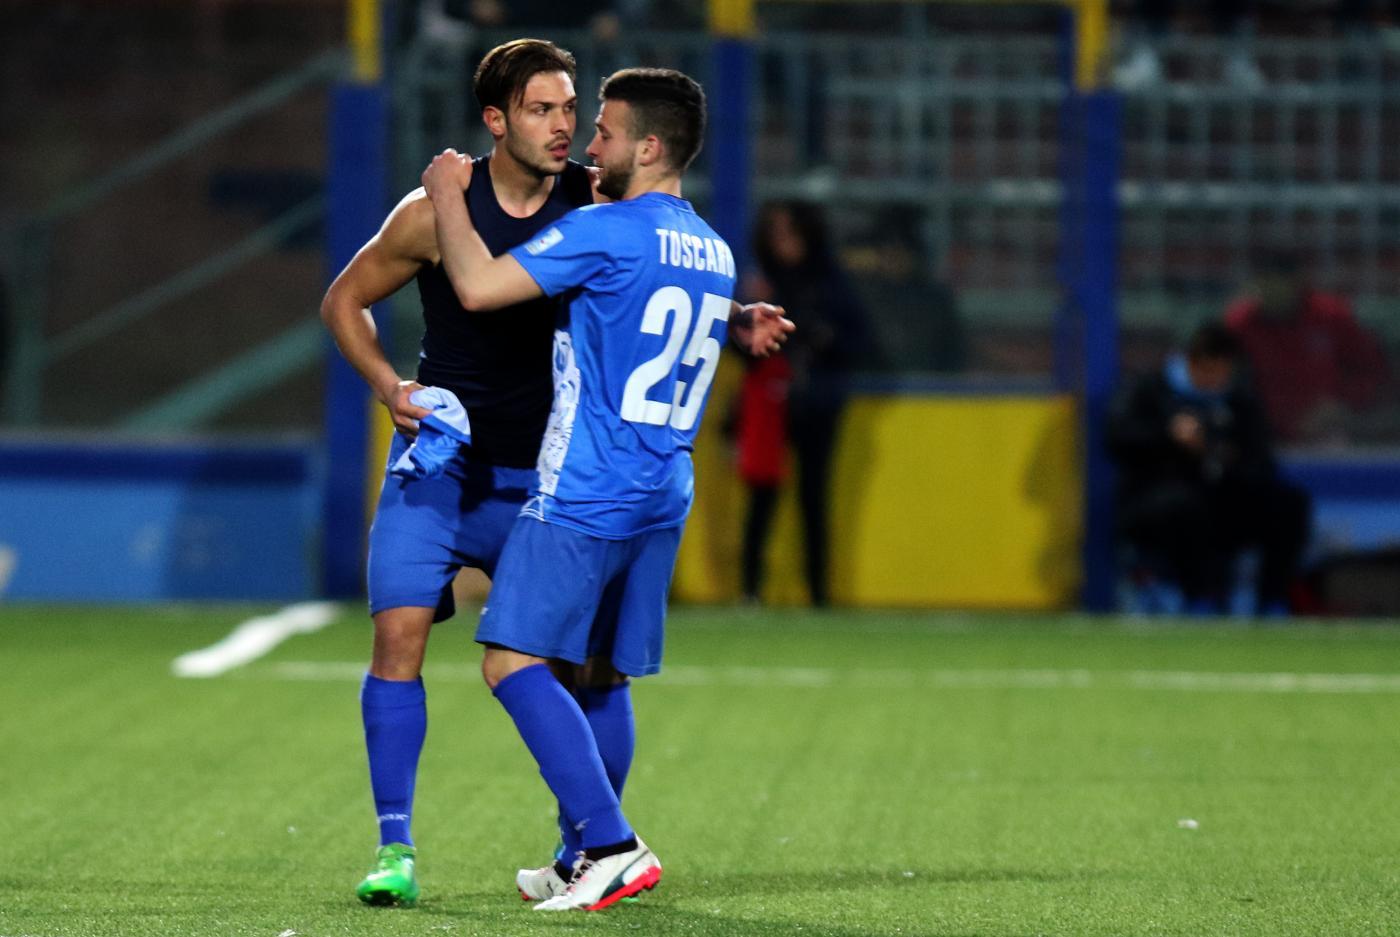 Siracusa-Paganese 25 settembre: match della seconda giornata del gruppo C della Serie C. Entrambe cercano i primi punti stagionali in C.